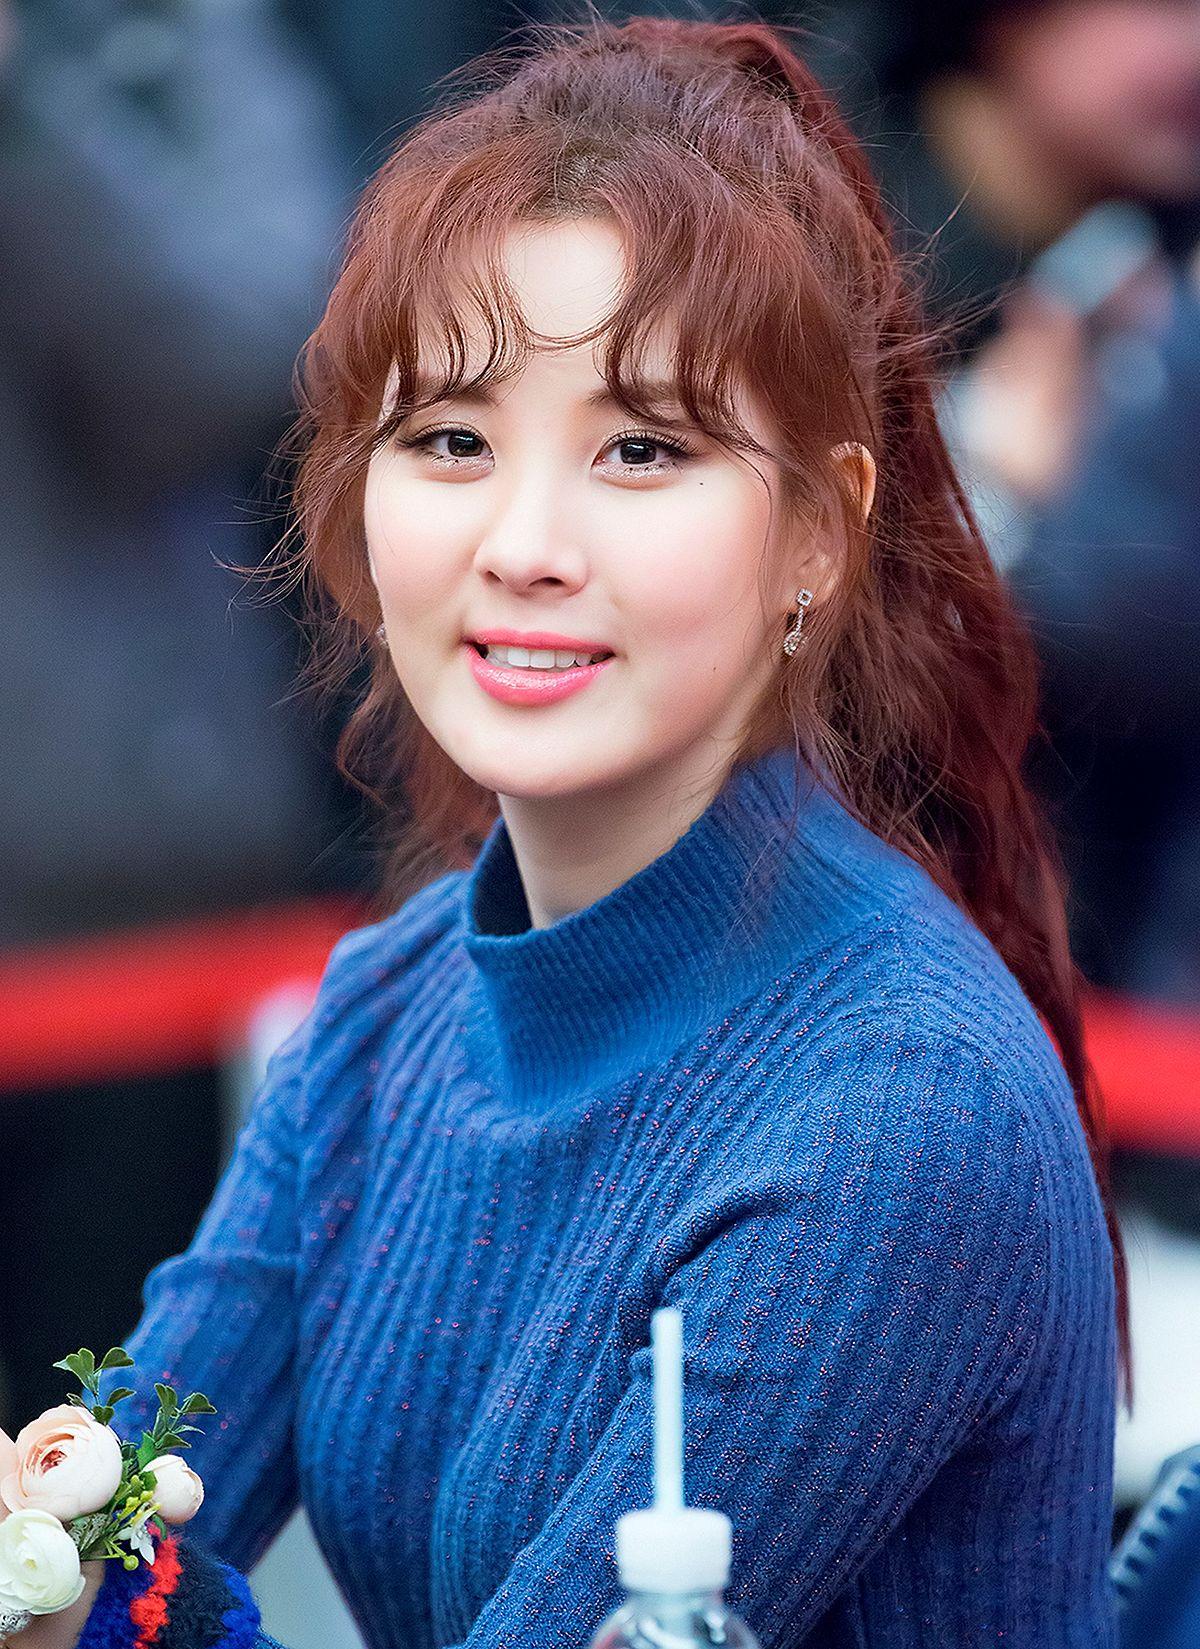 Γιονγκ Χουά seohyun dating 2011